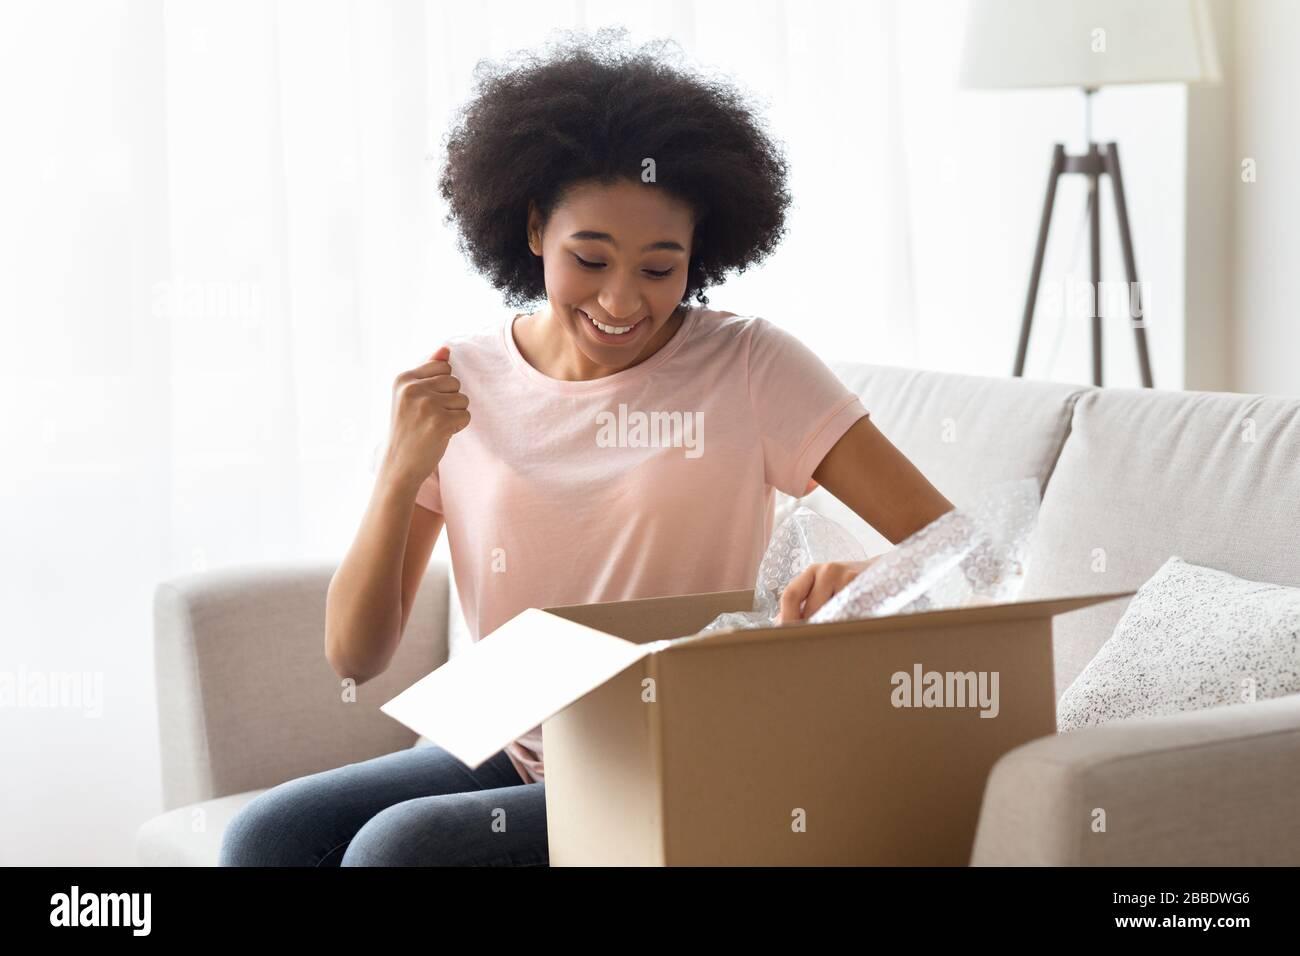 La donna afroamericana apre una scatola e gioisce Foto Stock